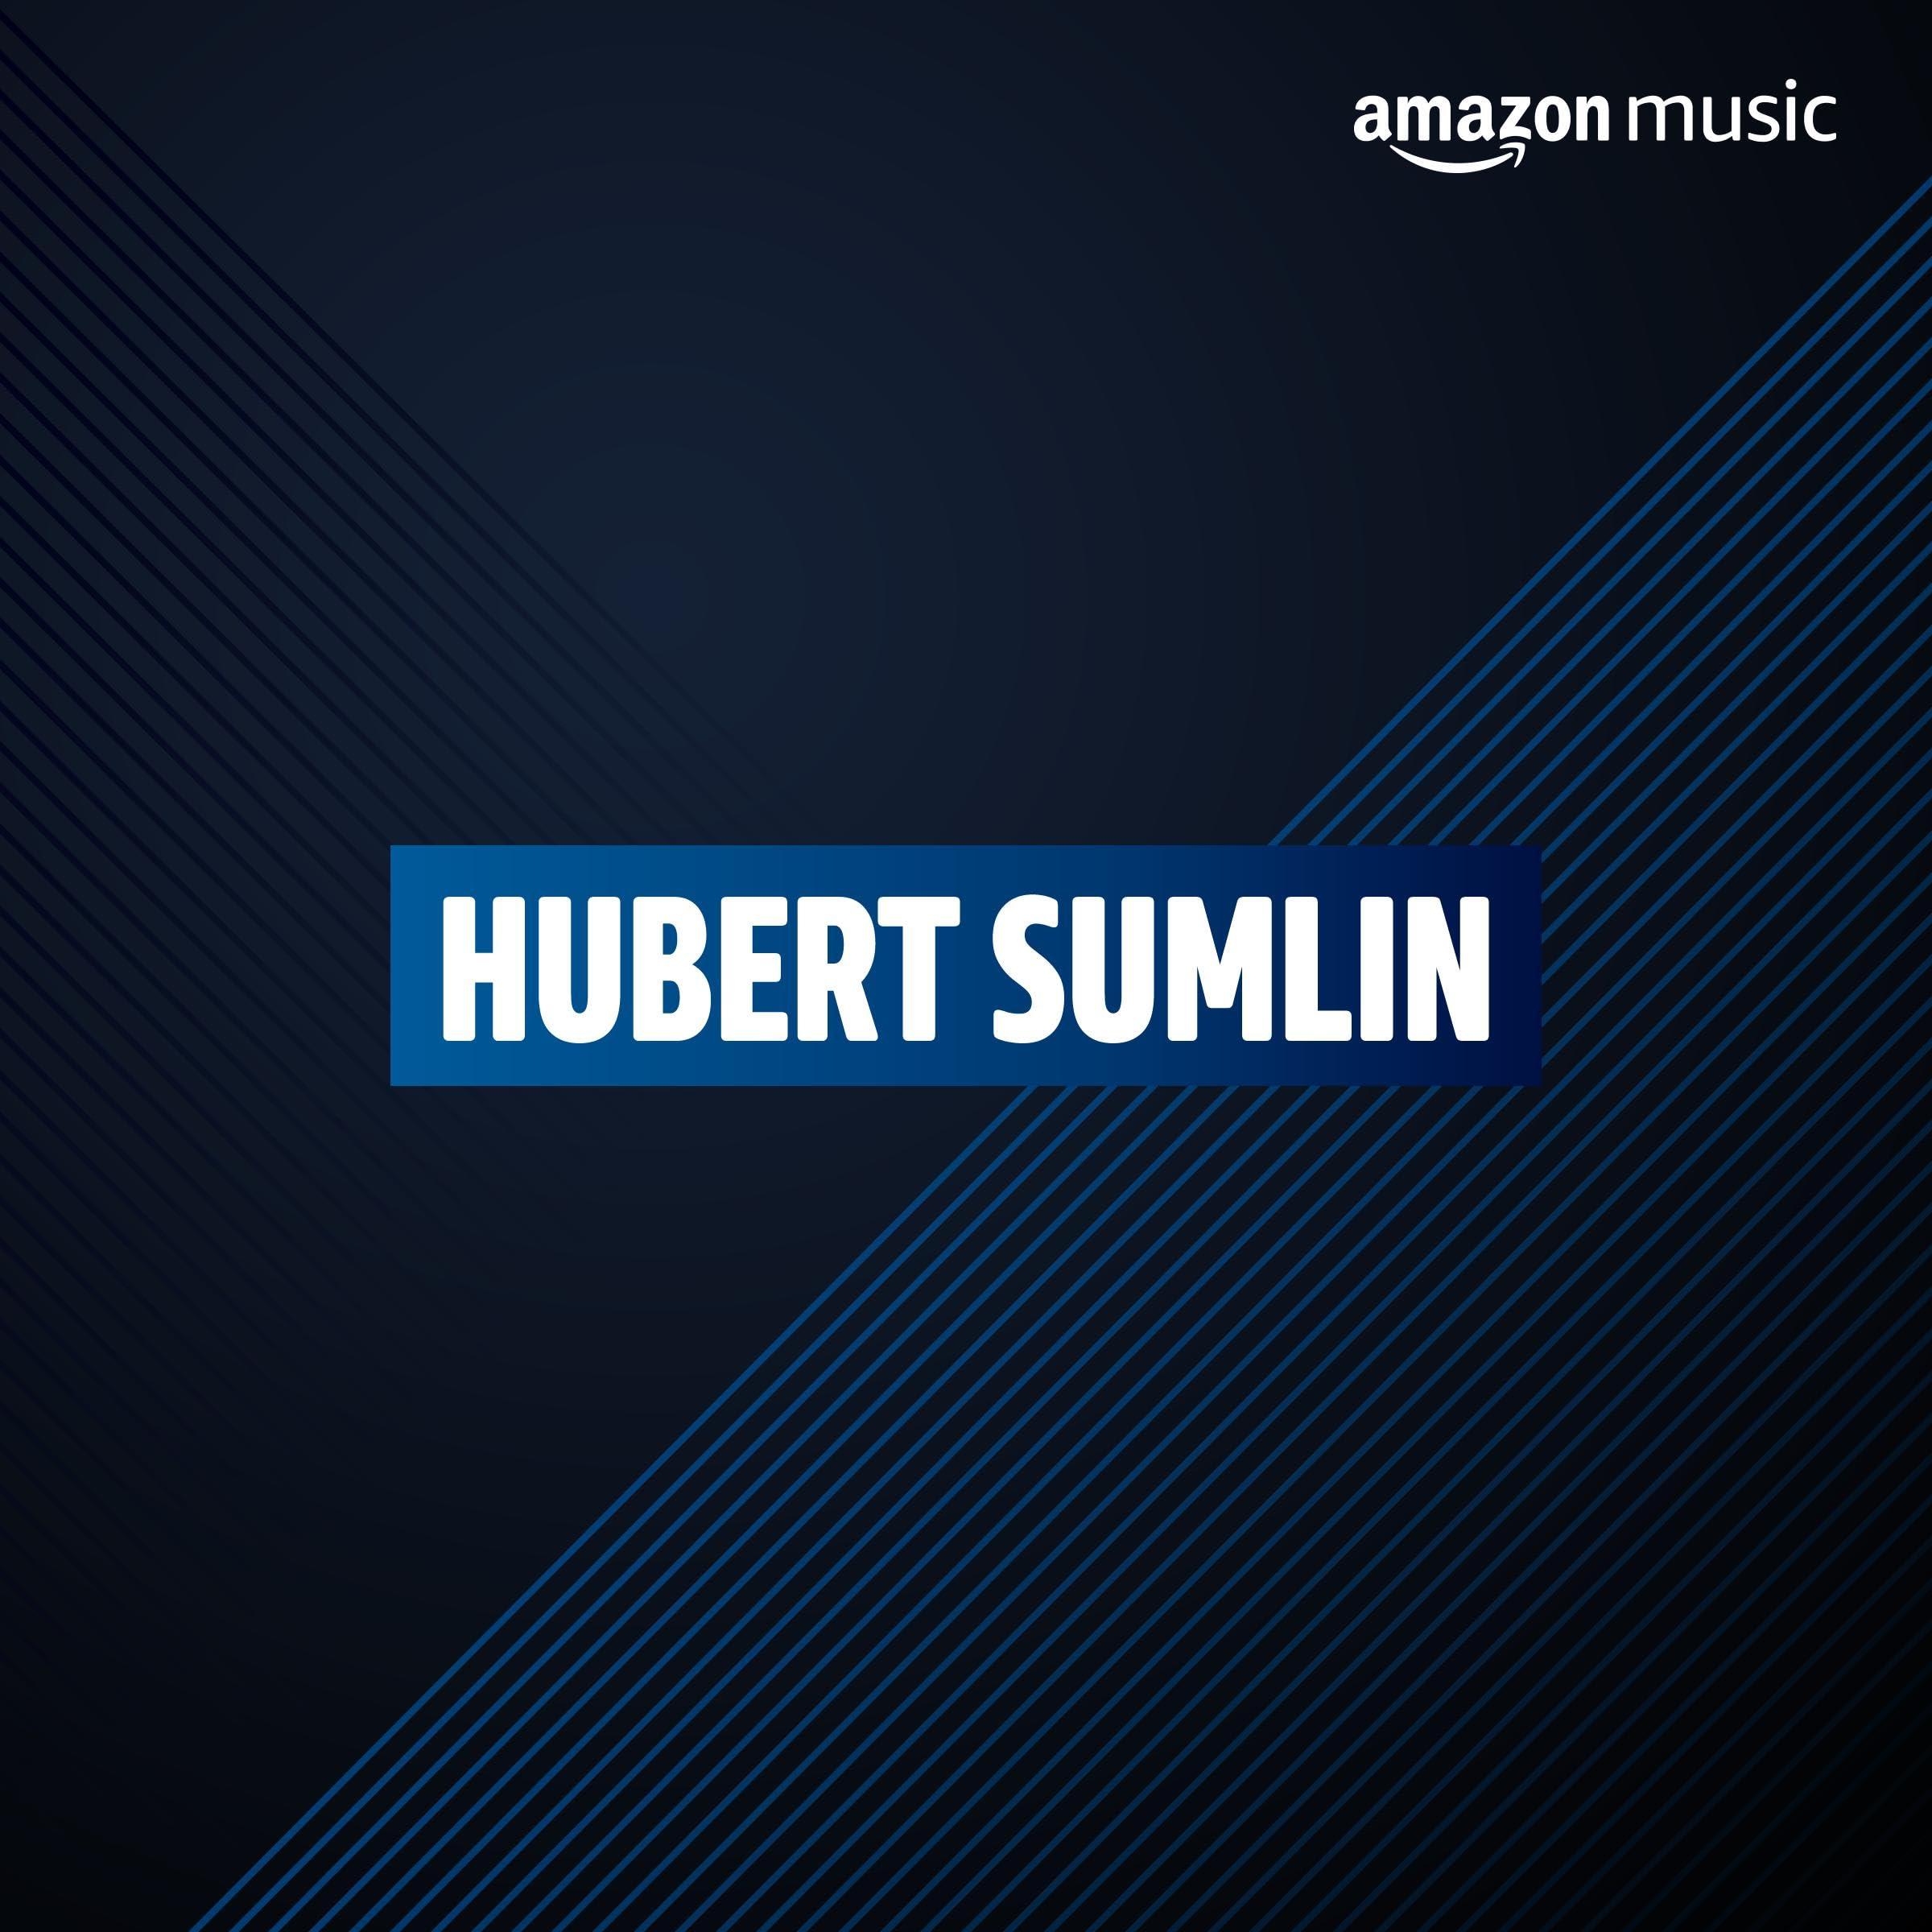 Hubert Sumlin